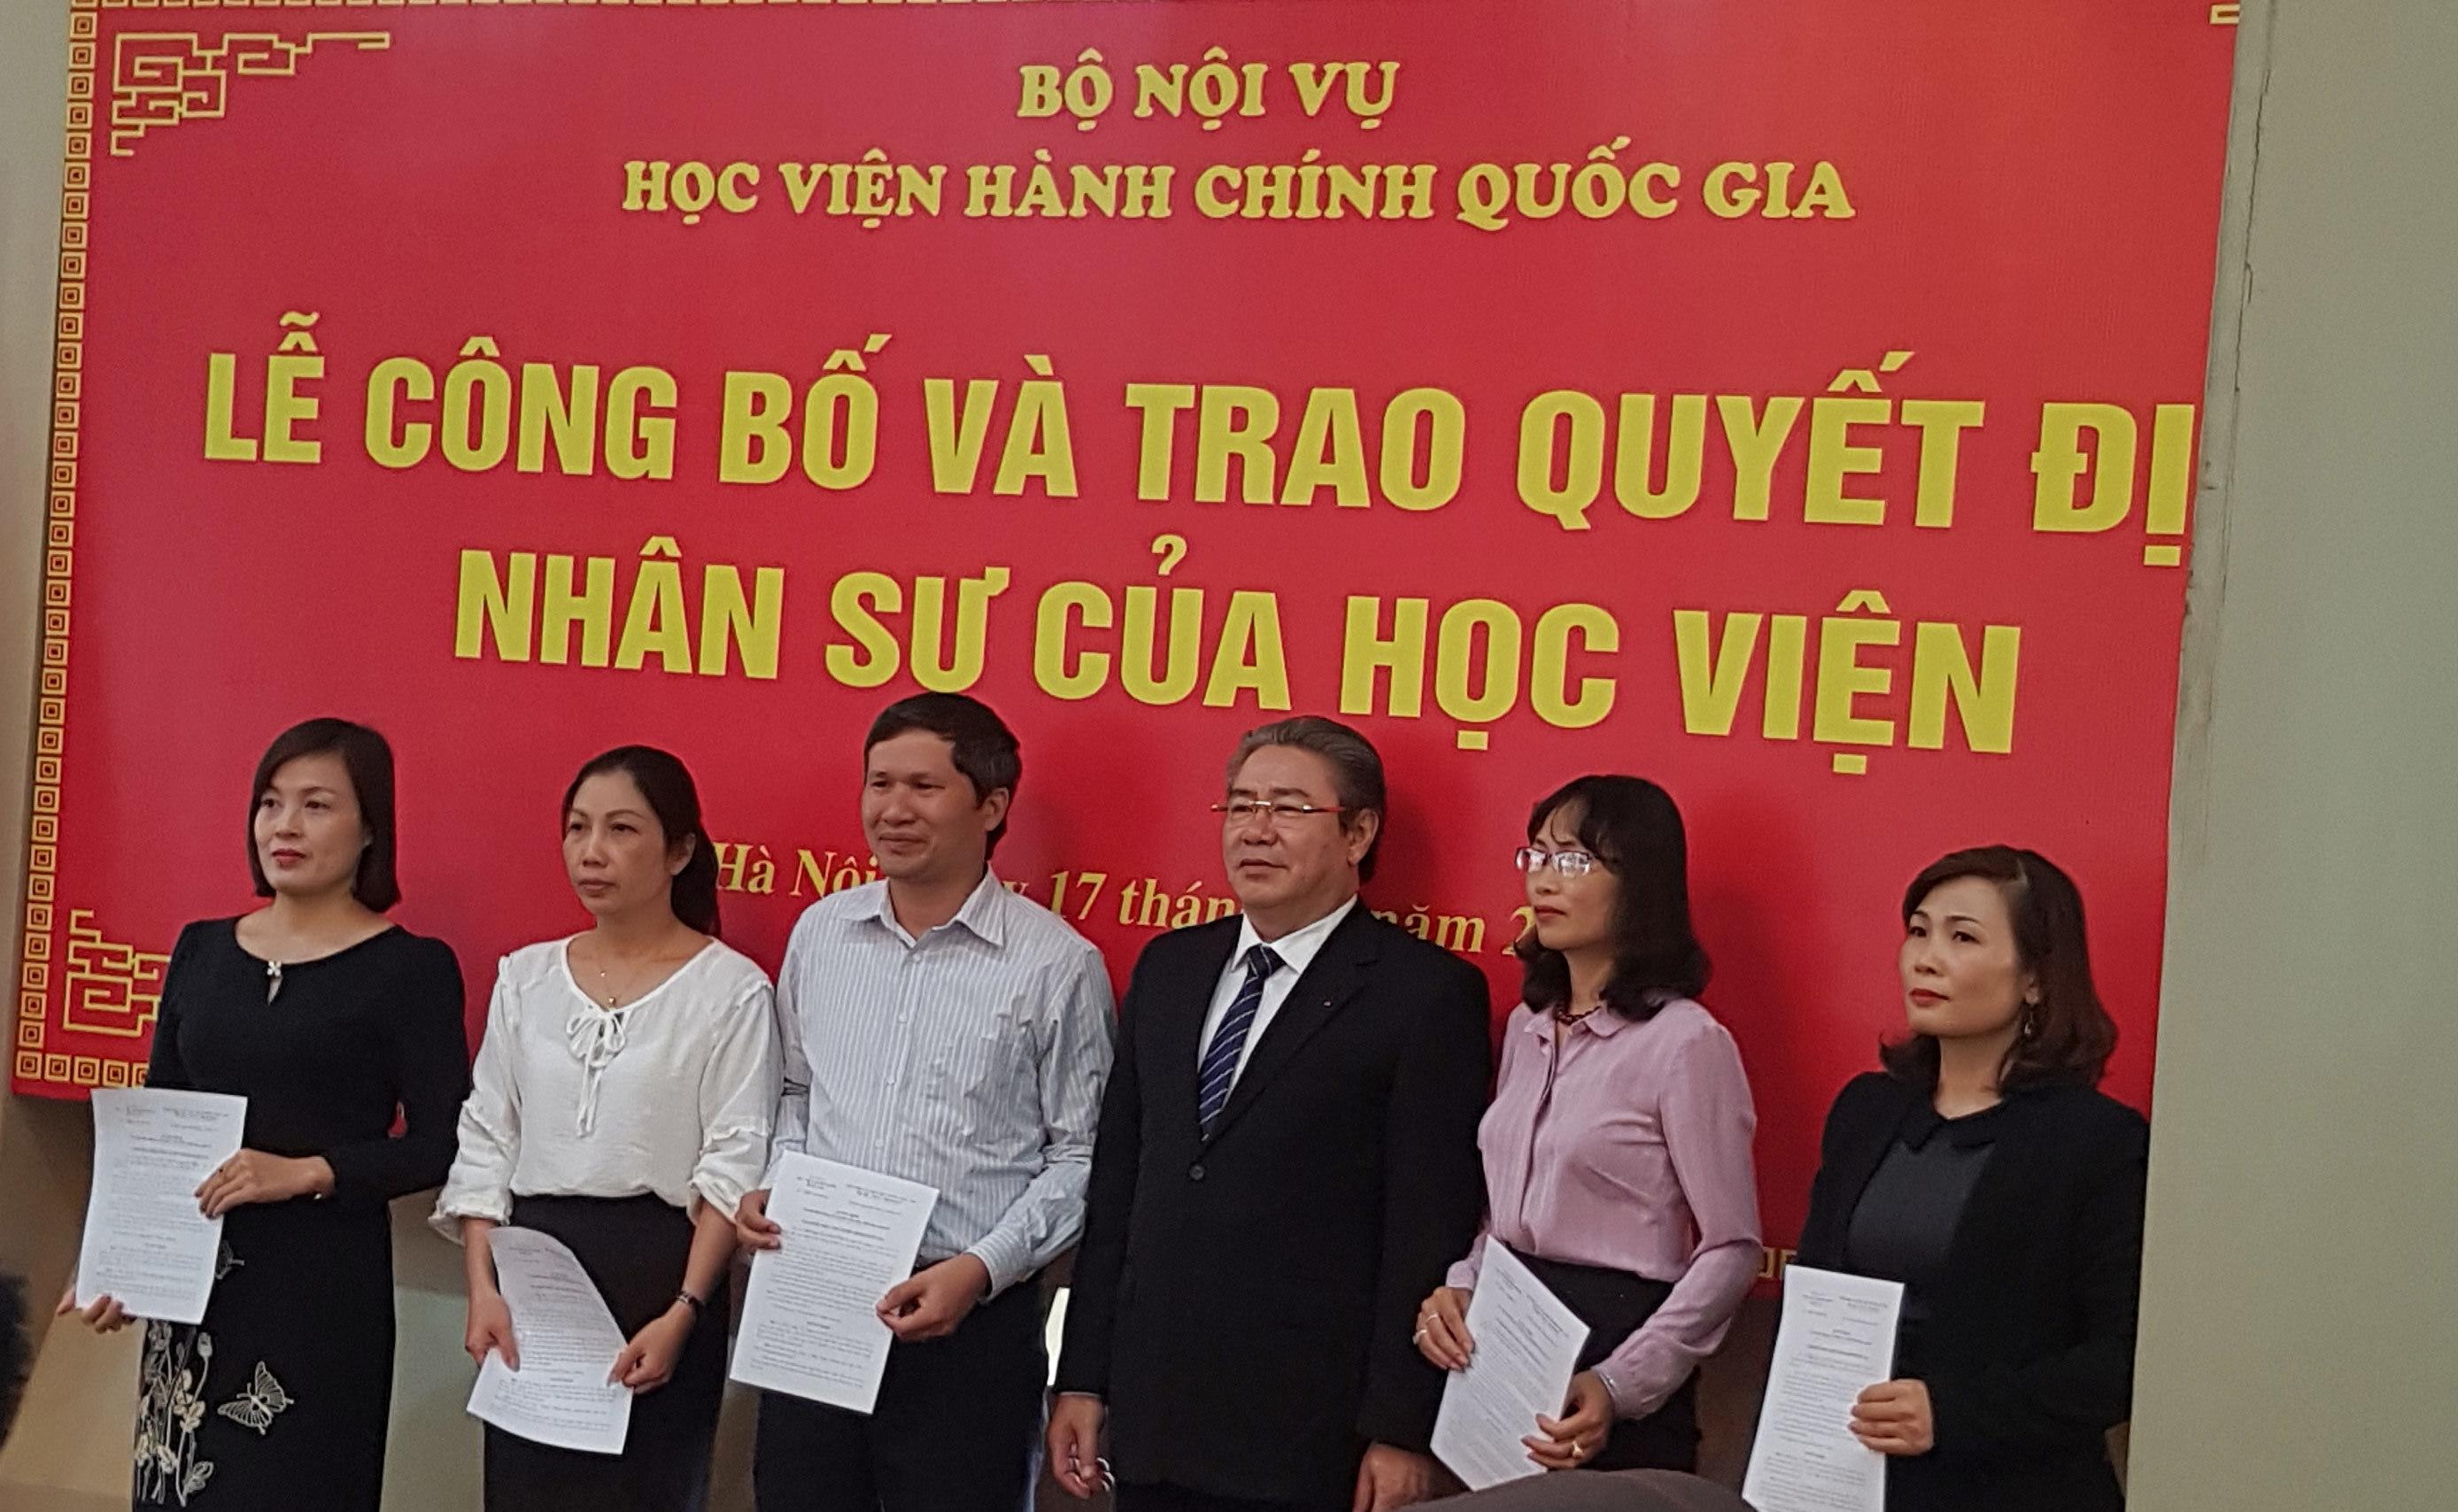 Học viện Hành chính quốc gia tiếp nhận 67 nhân sự mới